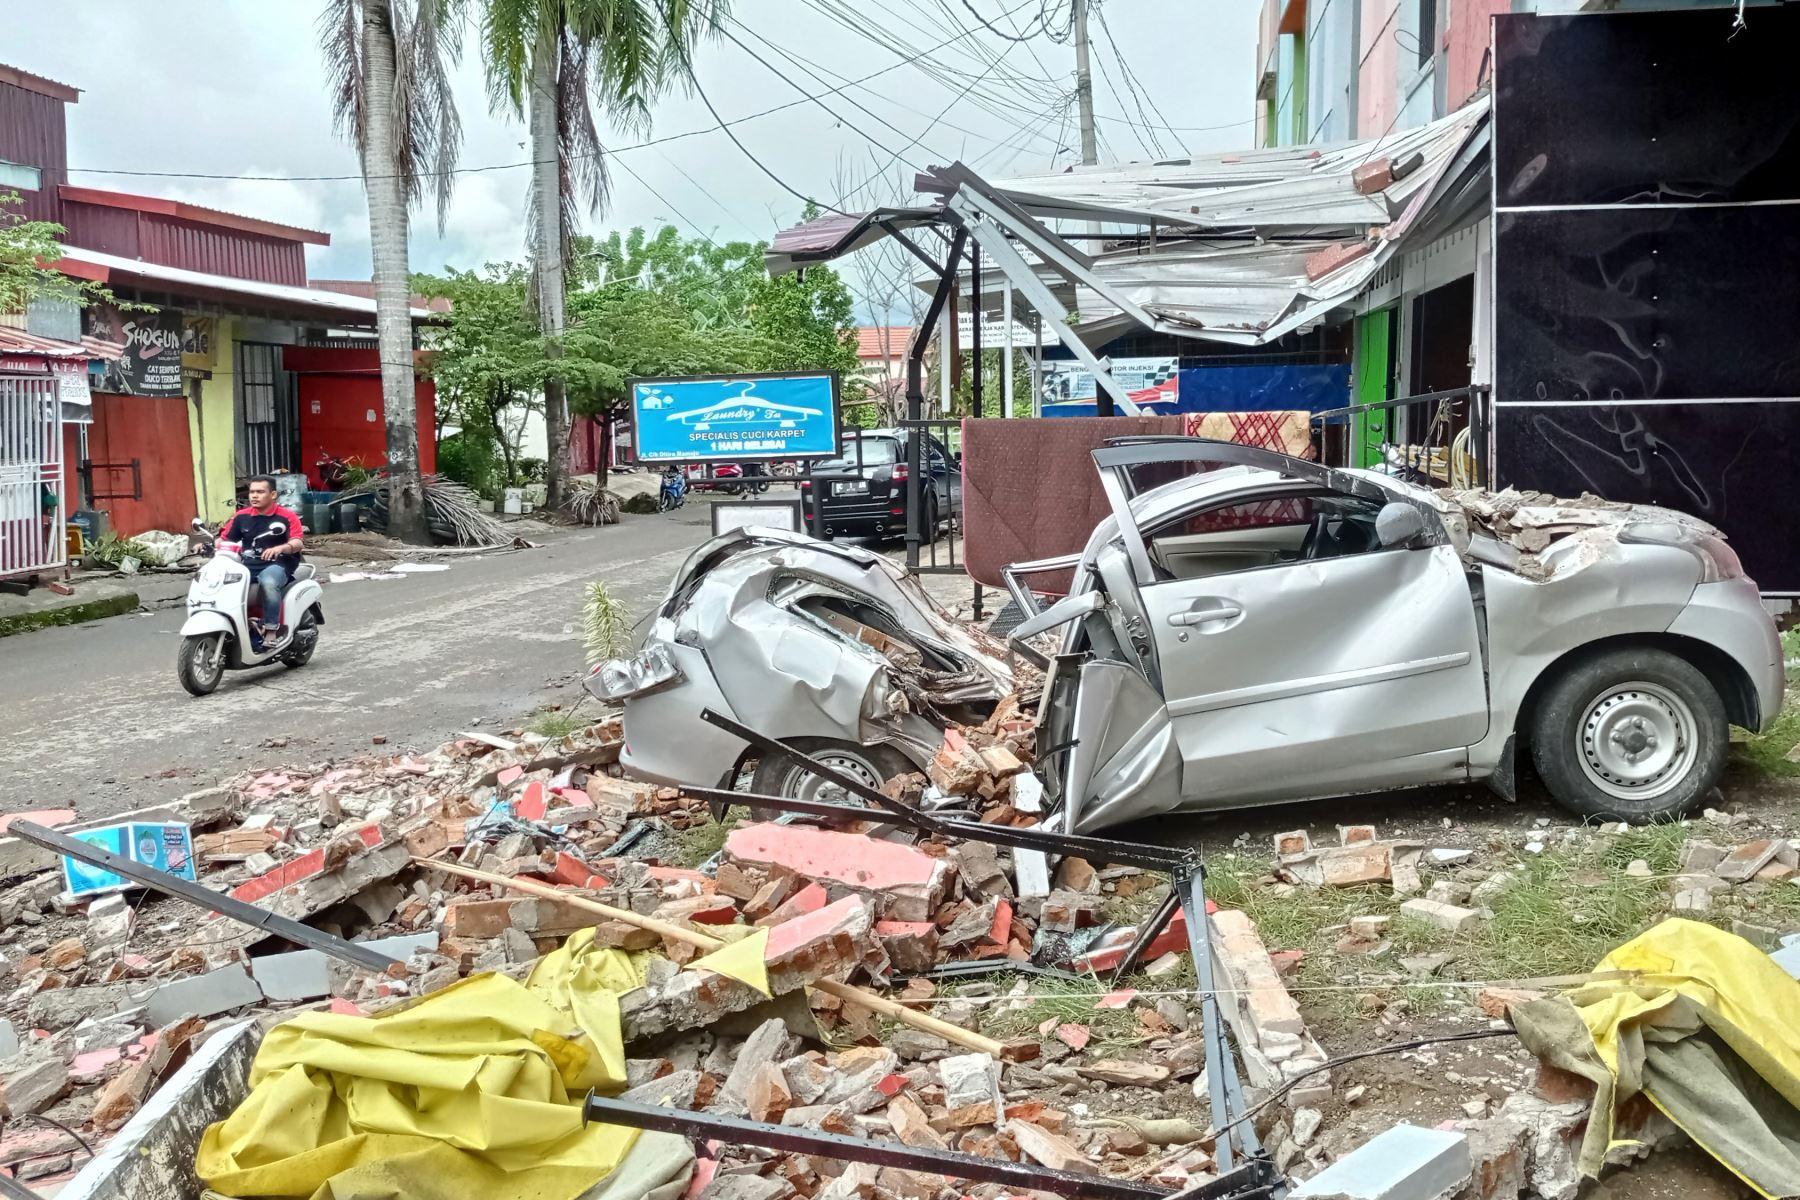 Un automóvil destruido se encuentra entre los escombros al costado de una calle en Mamuju, después de que un terremoto de magnitud 6.2 sacudiera la isla de Sulawesi en Indonesia. Foto: AFP